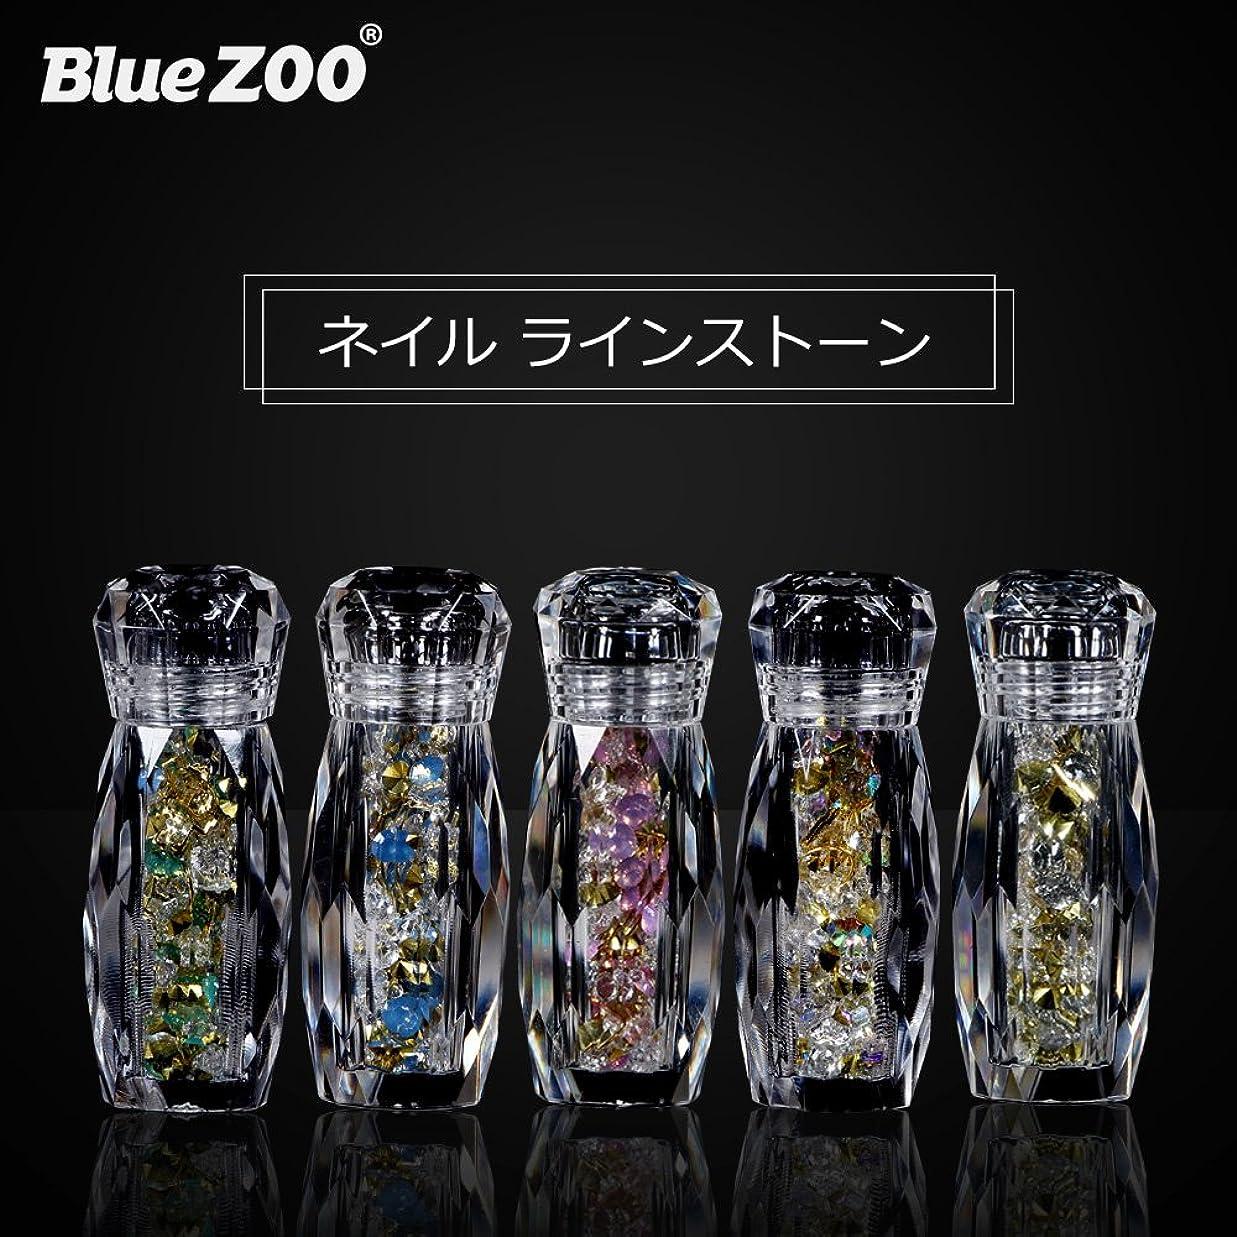 ミスペンド逆にワゴンBlueZOO (ブルーズー) 5本/セット クリスタルボトル マルチサイズ ネイルアクセサリー + Vカットダイヤモンド + ジェムサークル + タイニービーズ